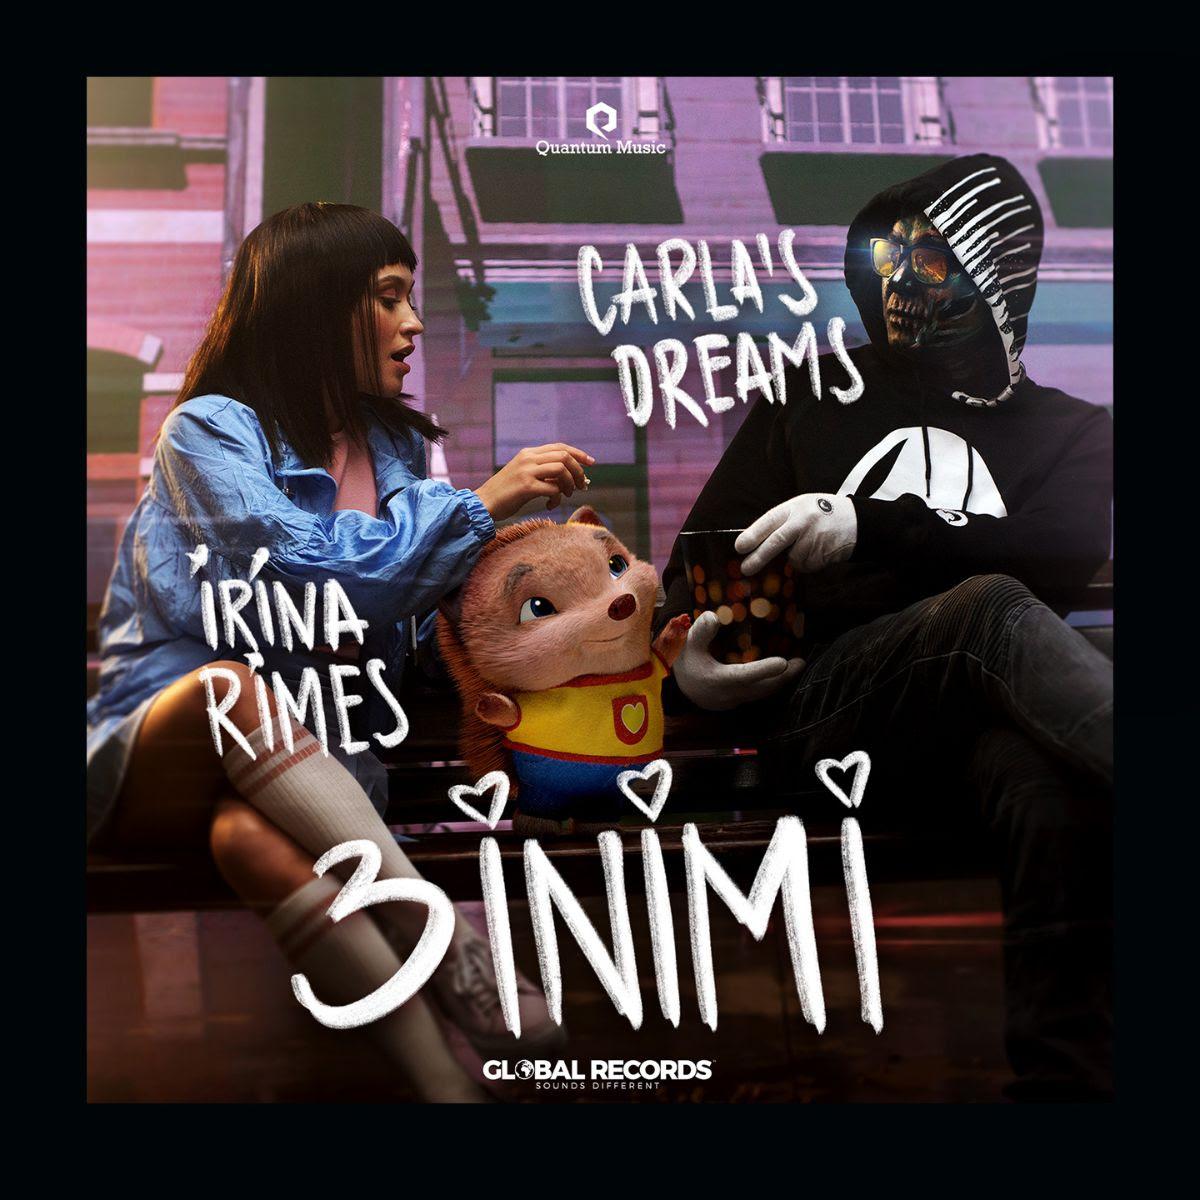 Global Records anunță prima colaborare dintre Irina Rimes și Carla's Dreams! Artiștii lansează piesa și videoclipul 3 inimi!